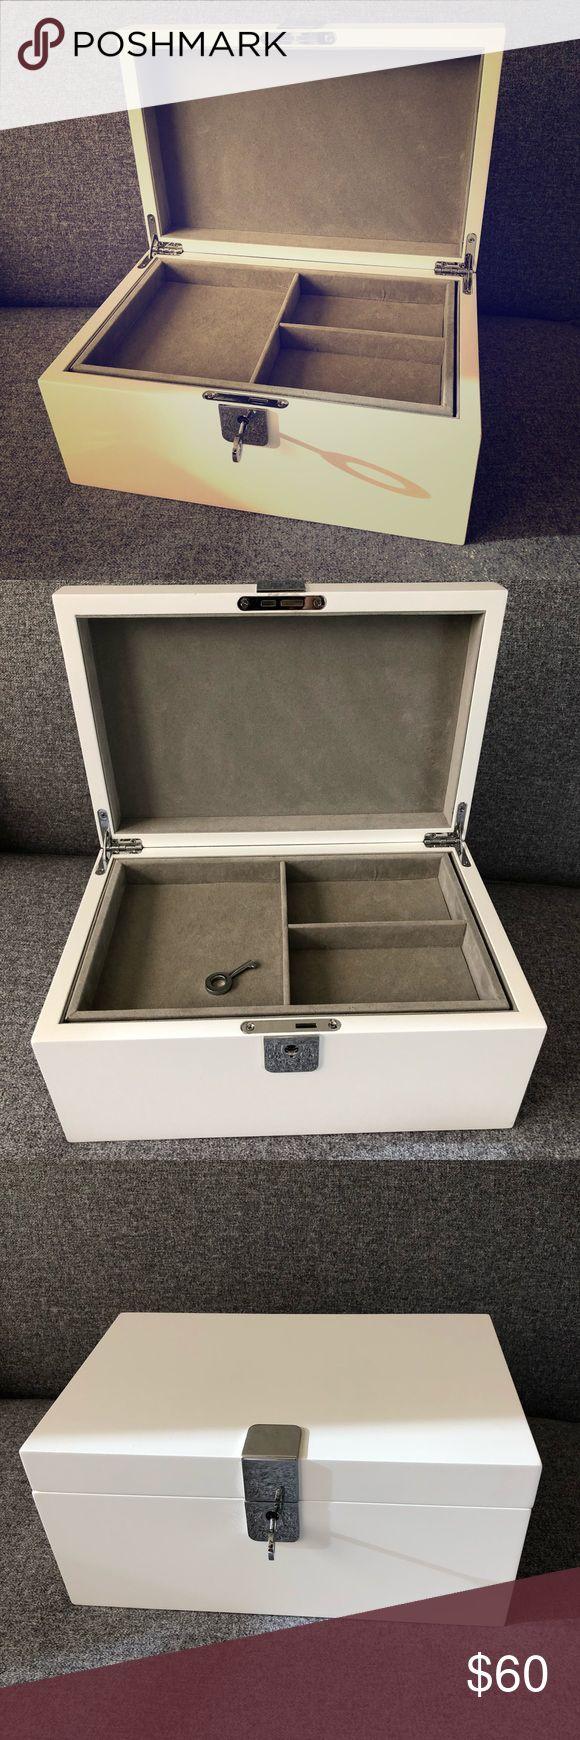 West elm jewelry box organizer | Jewelry organizer box ...